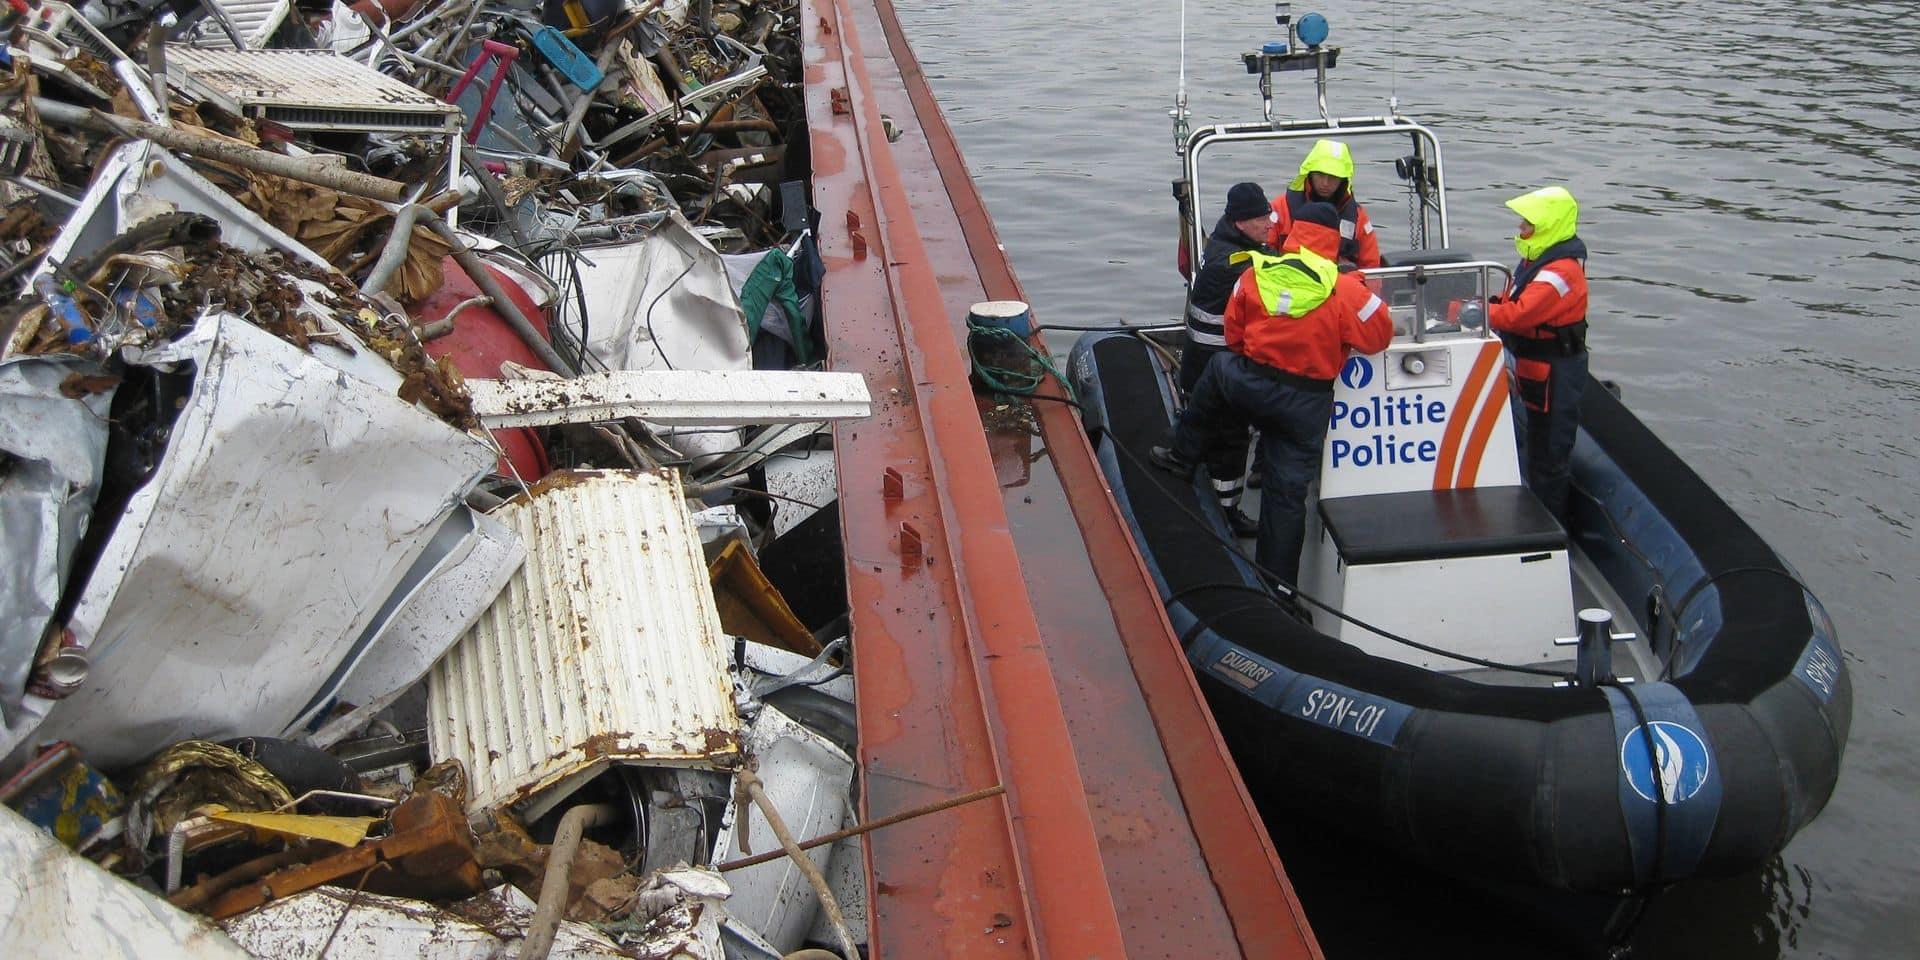 Des policiers de l'environnement: une nouvelle unité voit le jour à la police fédérale